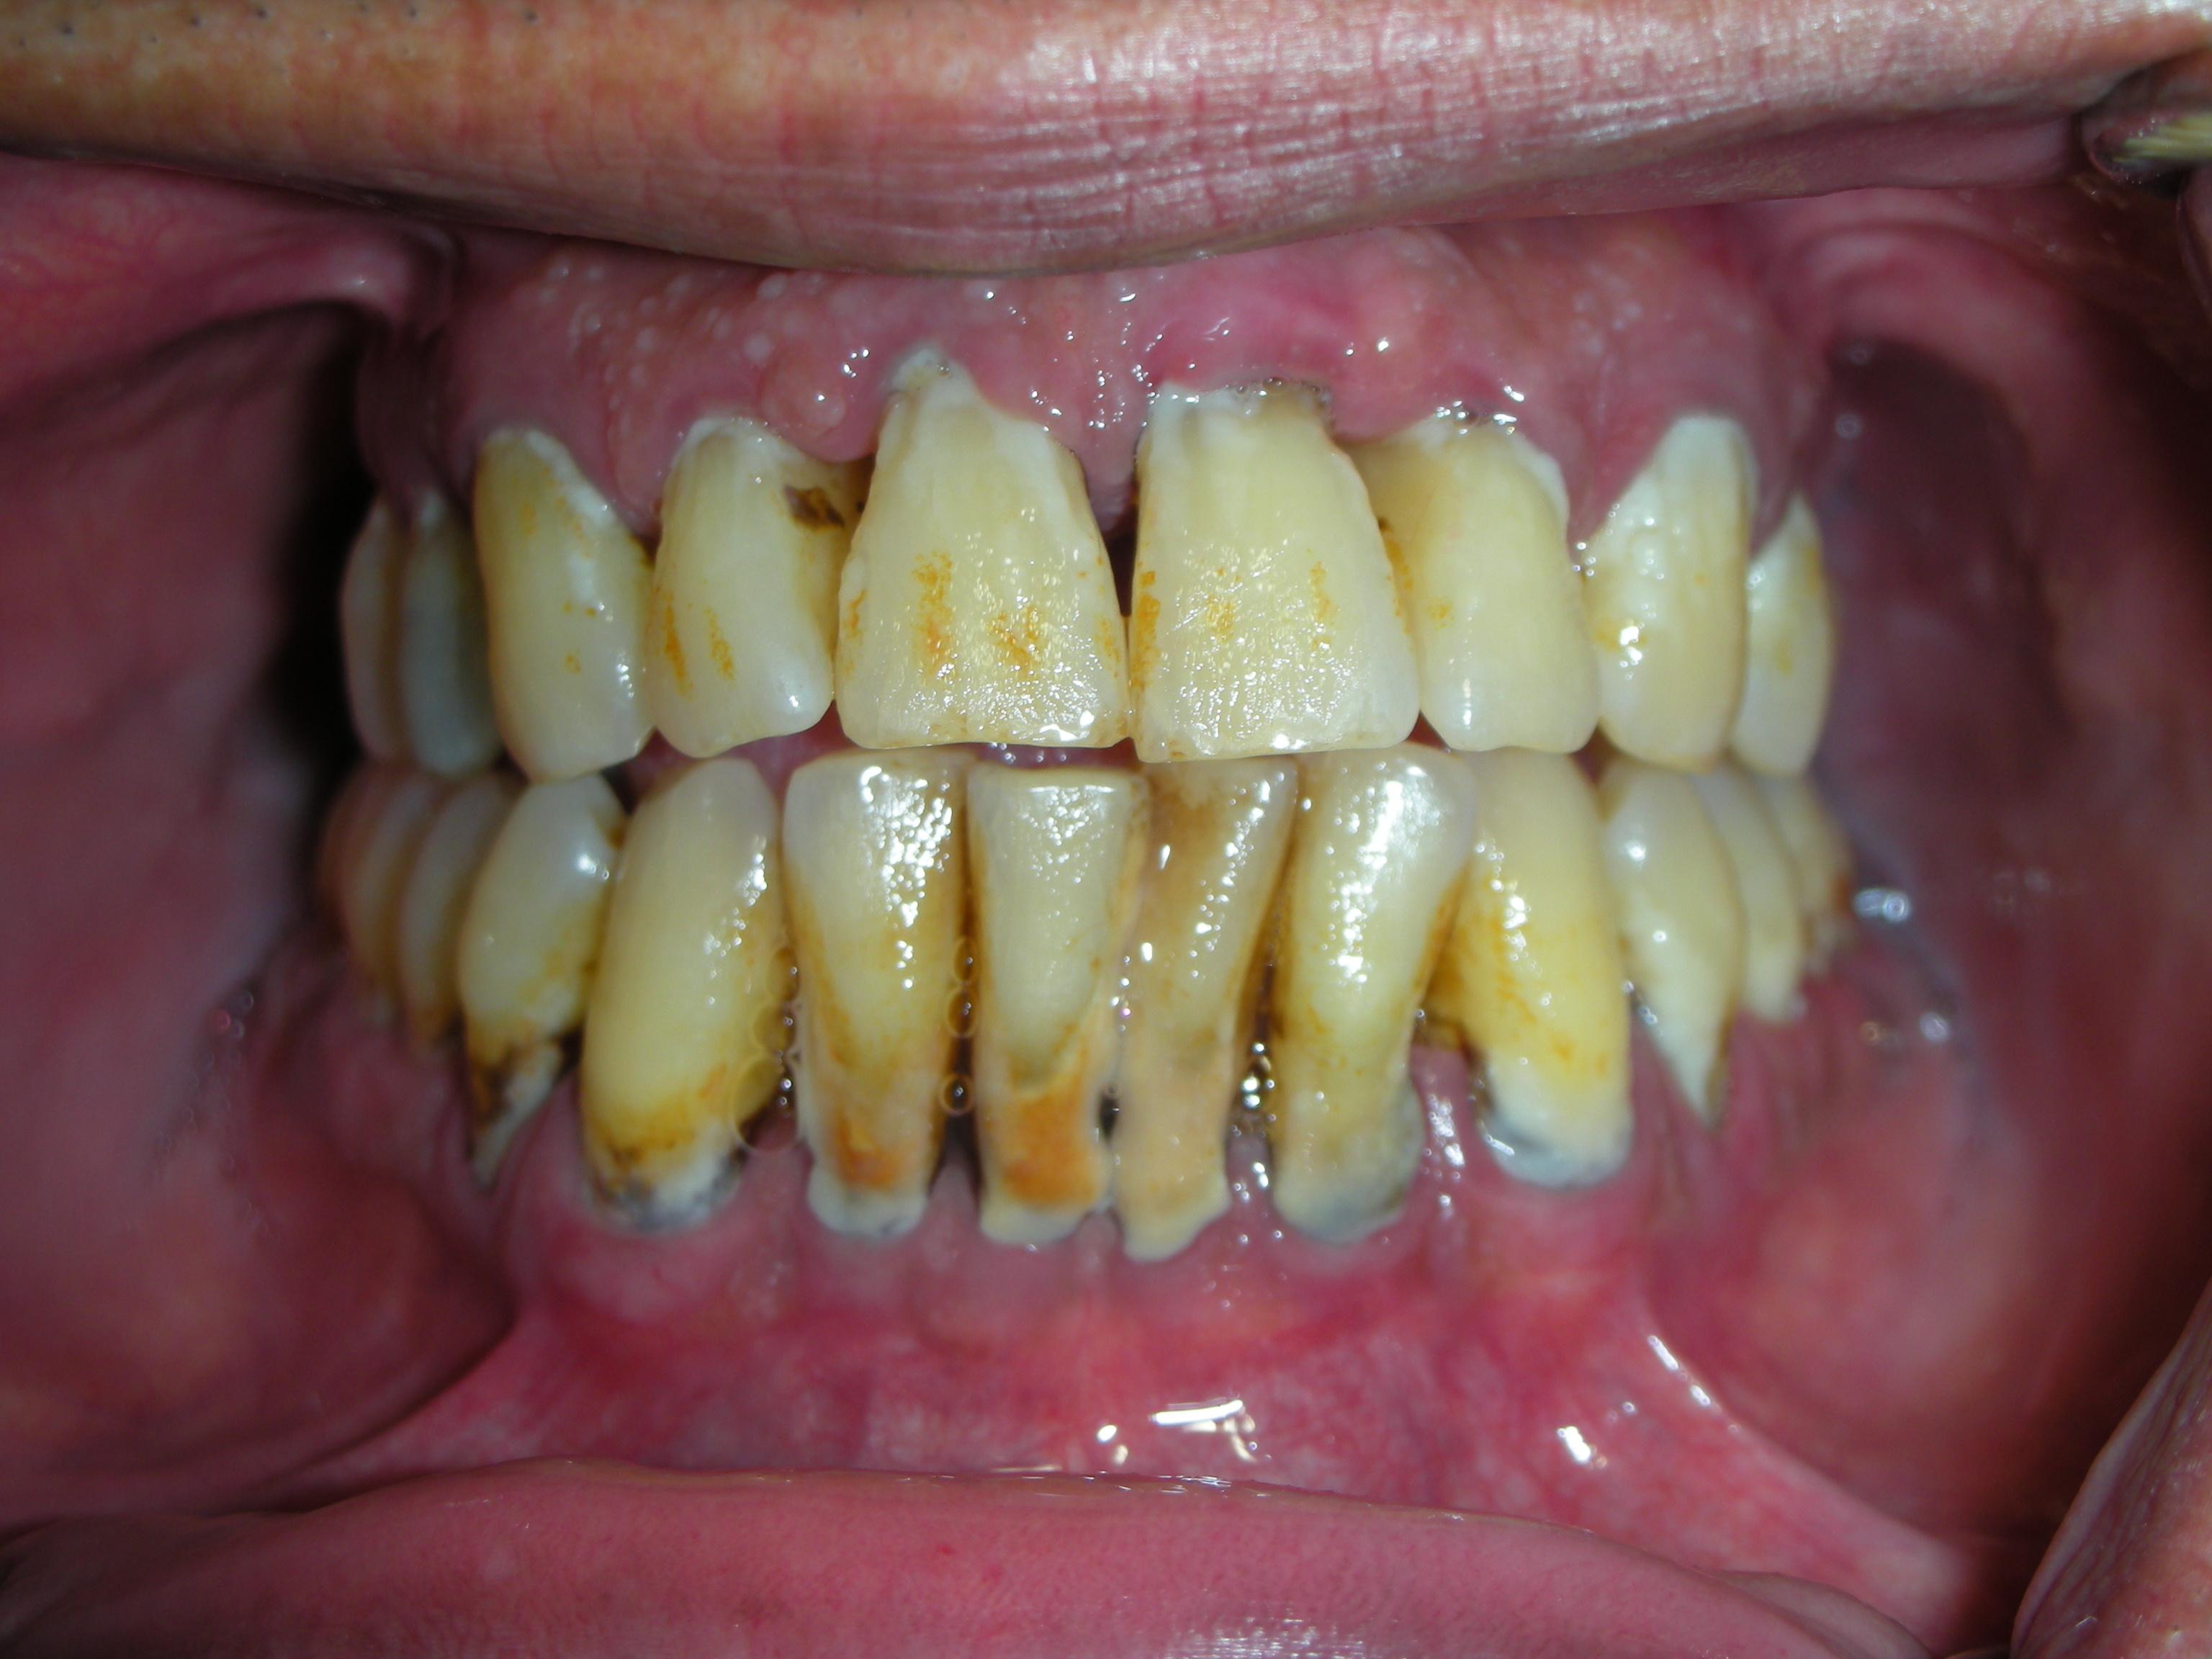 Periodontitis | Periodontist - Implantologist | George ...  Periodontitis |...